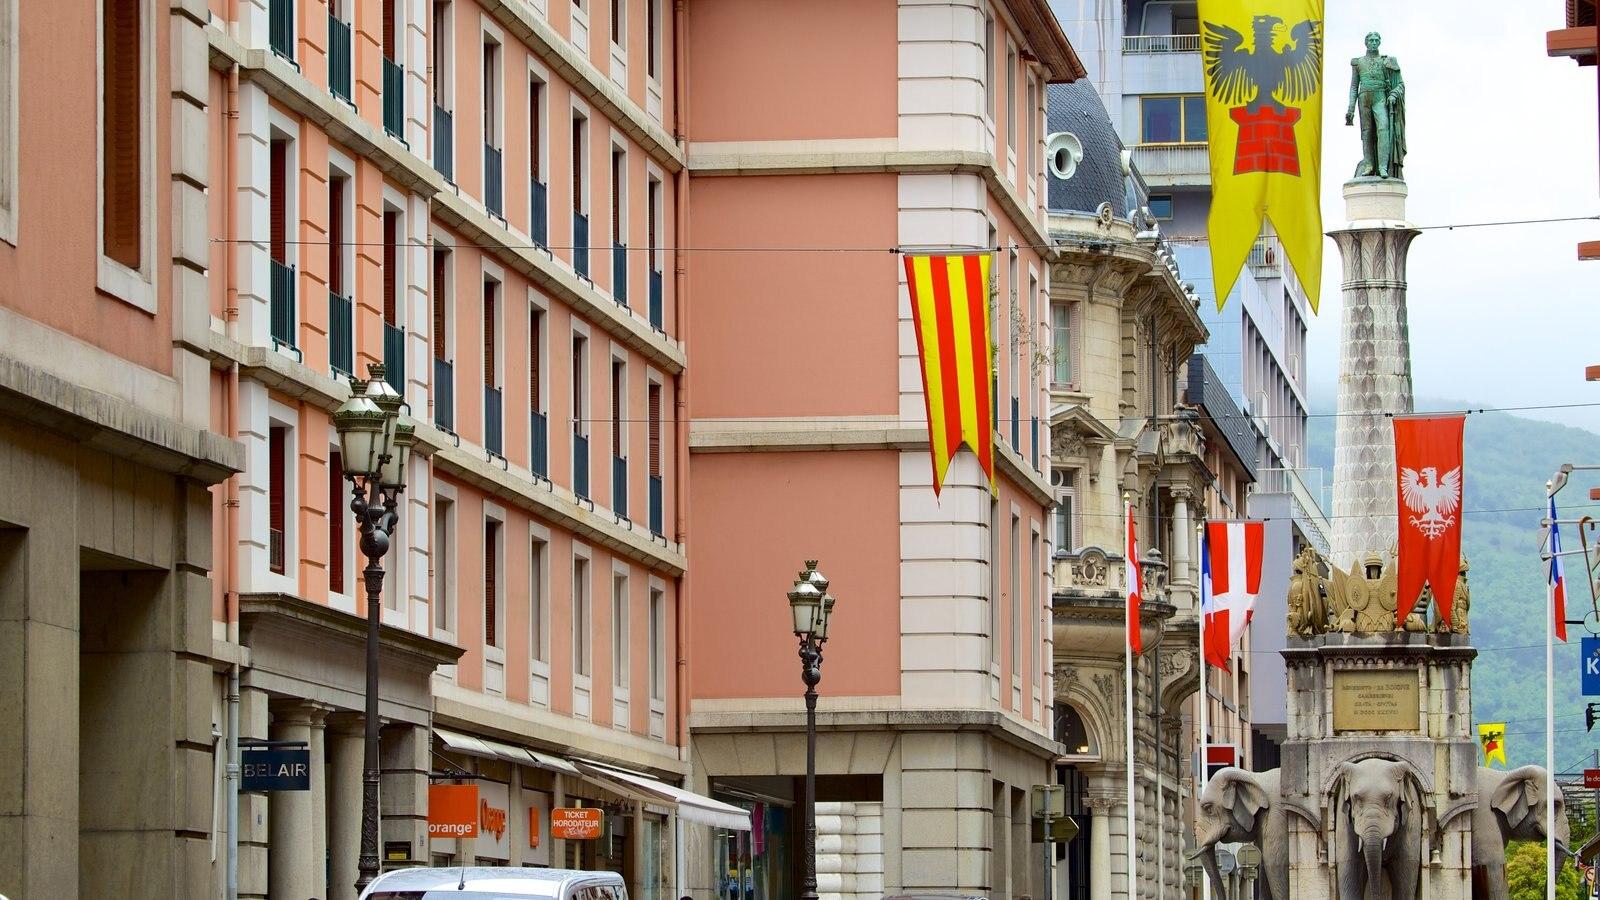 Chambery mostrando arquitetura de patrimônio e um edifício administrativo